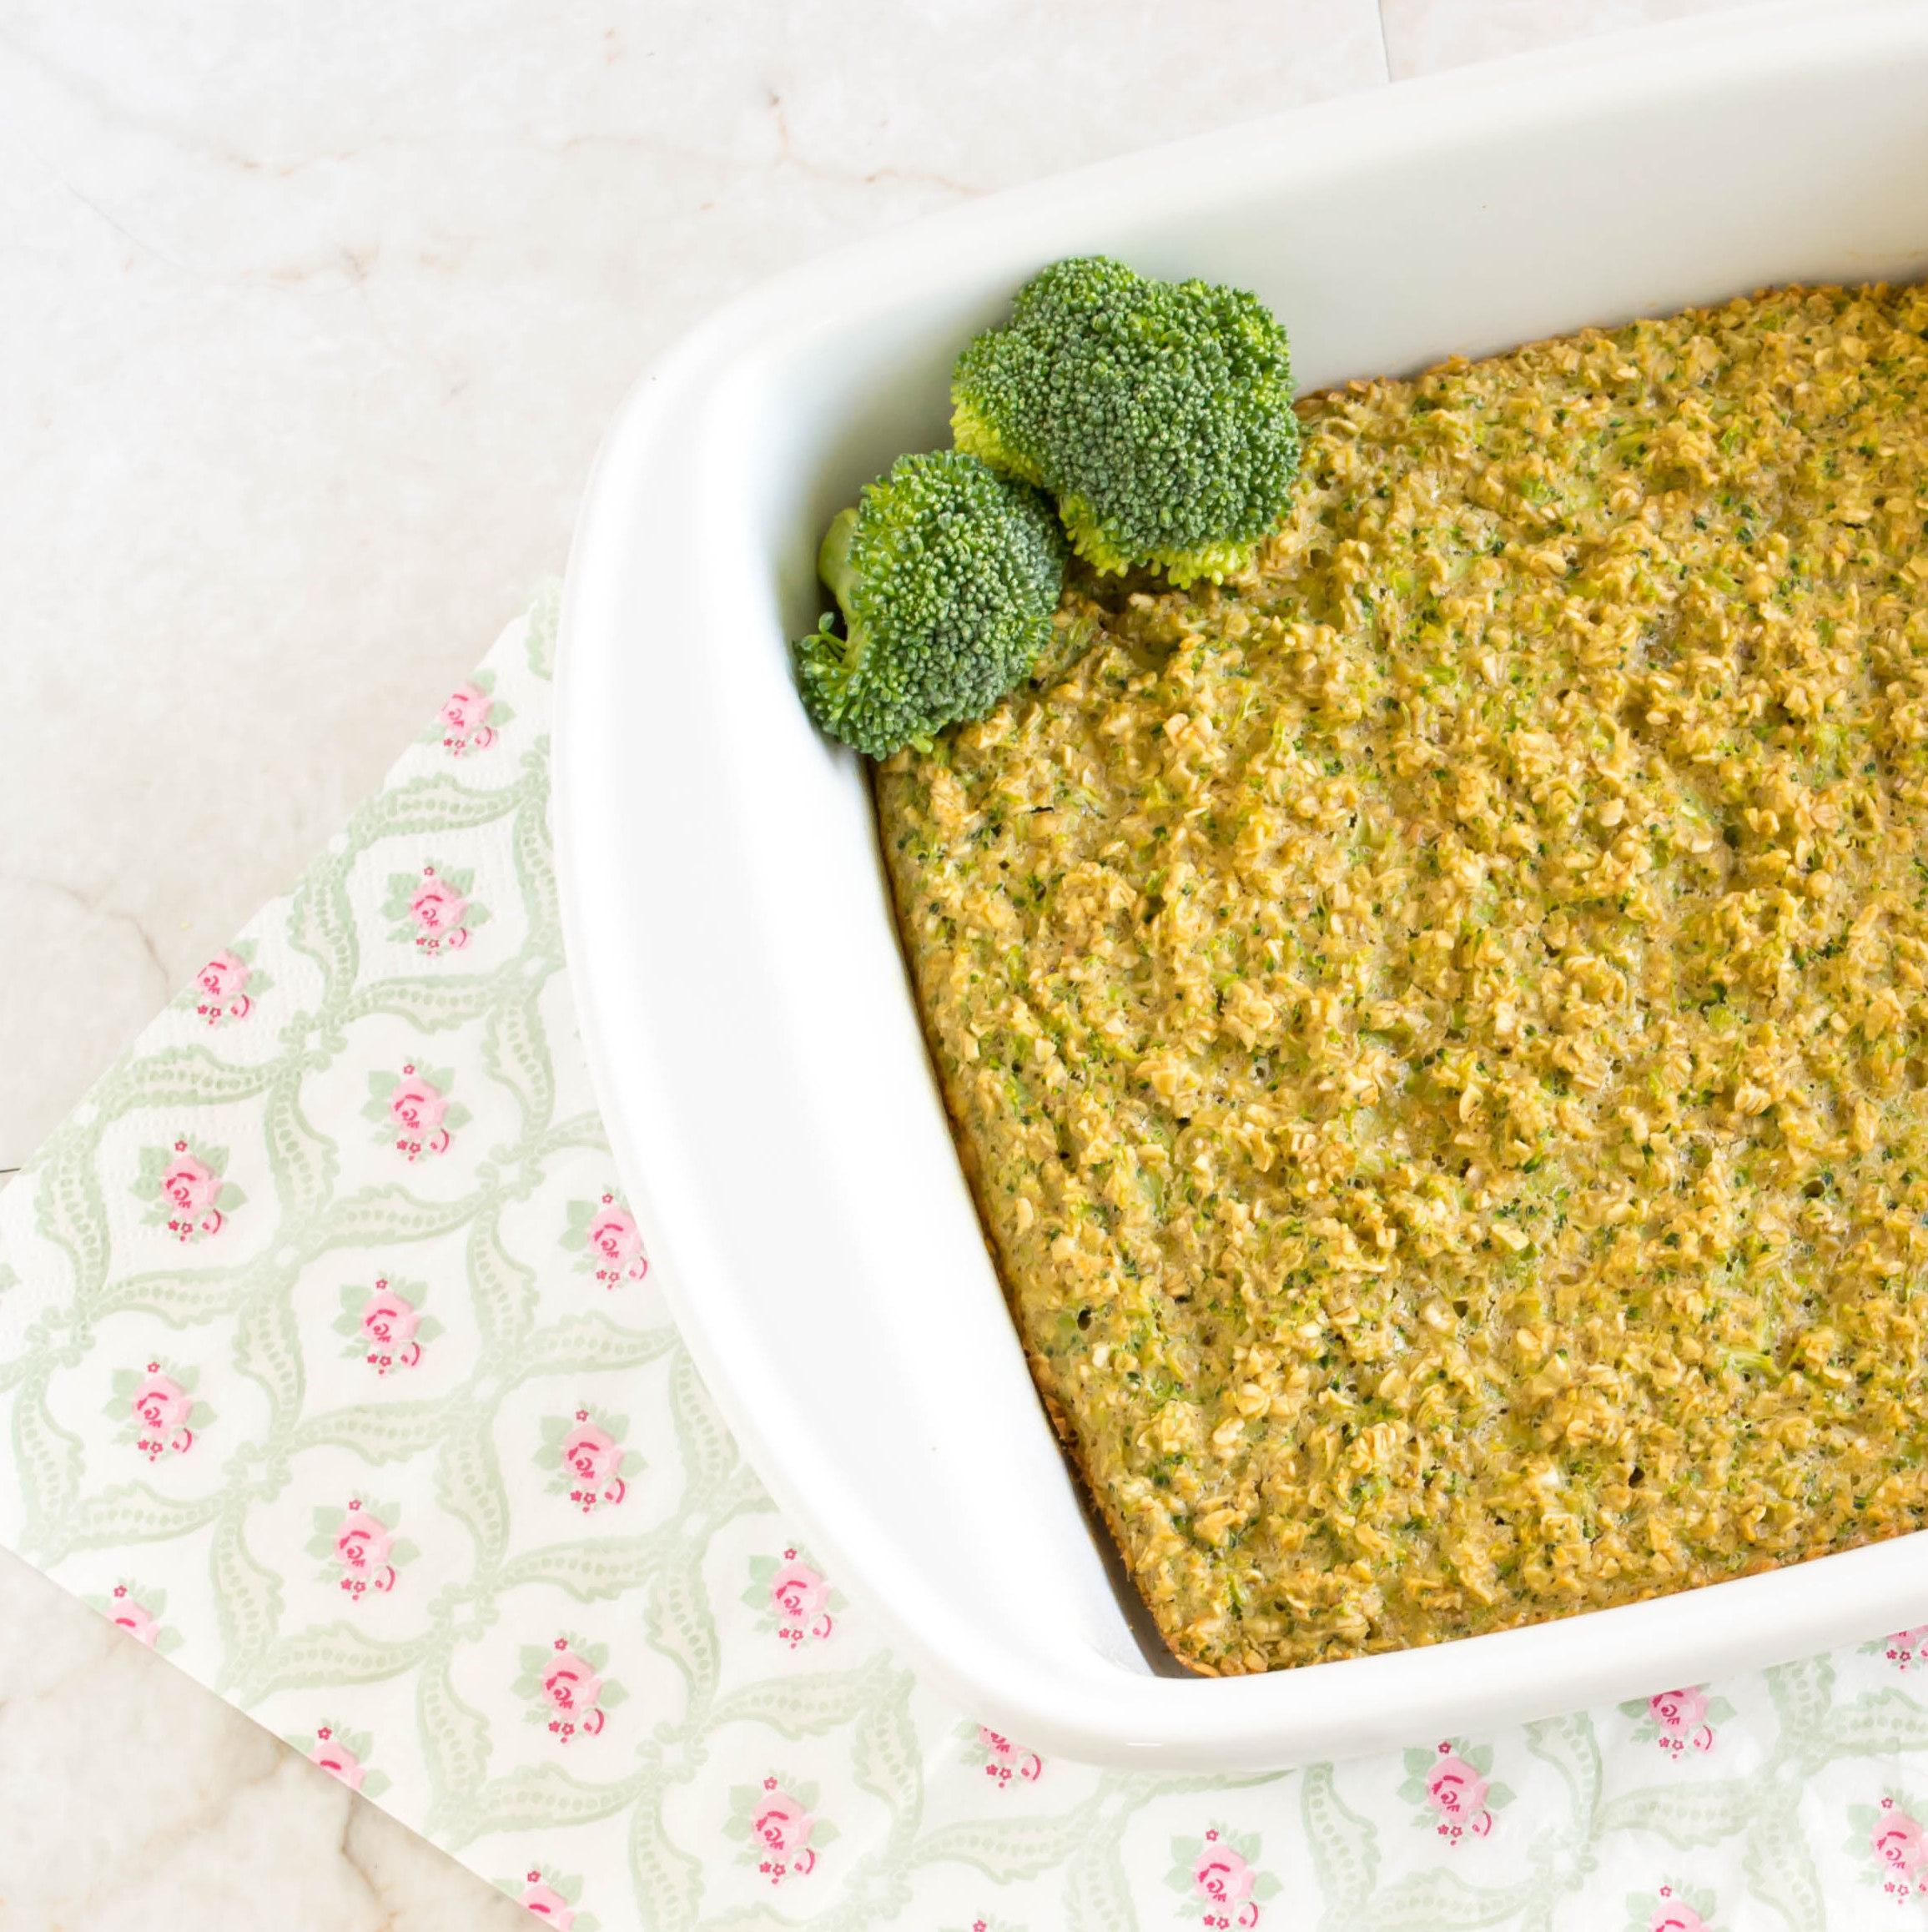 Broccoli Oatmeal Breakfast Casserole